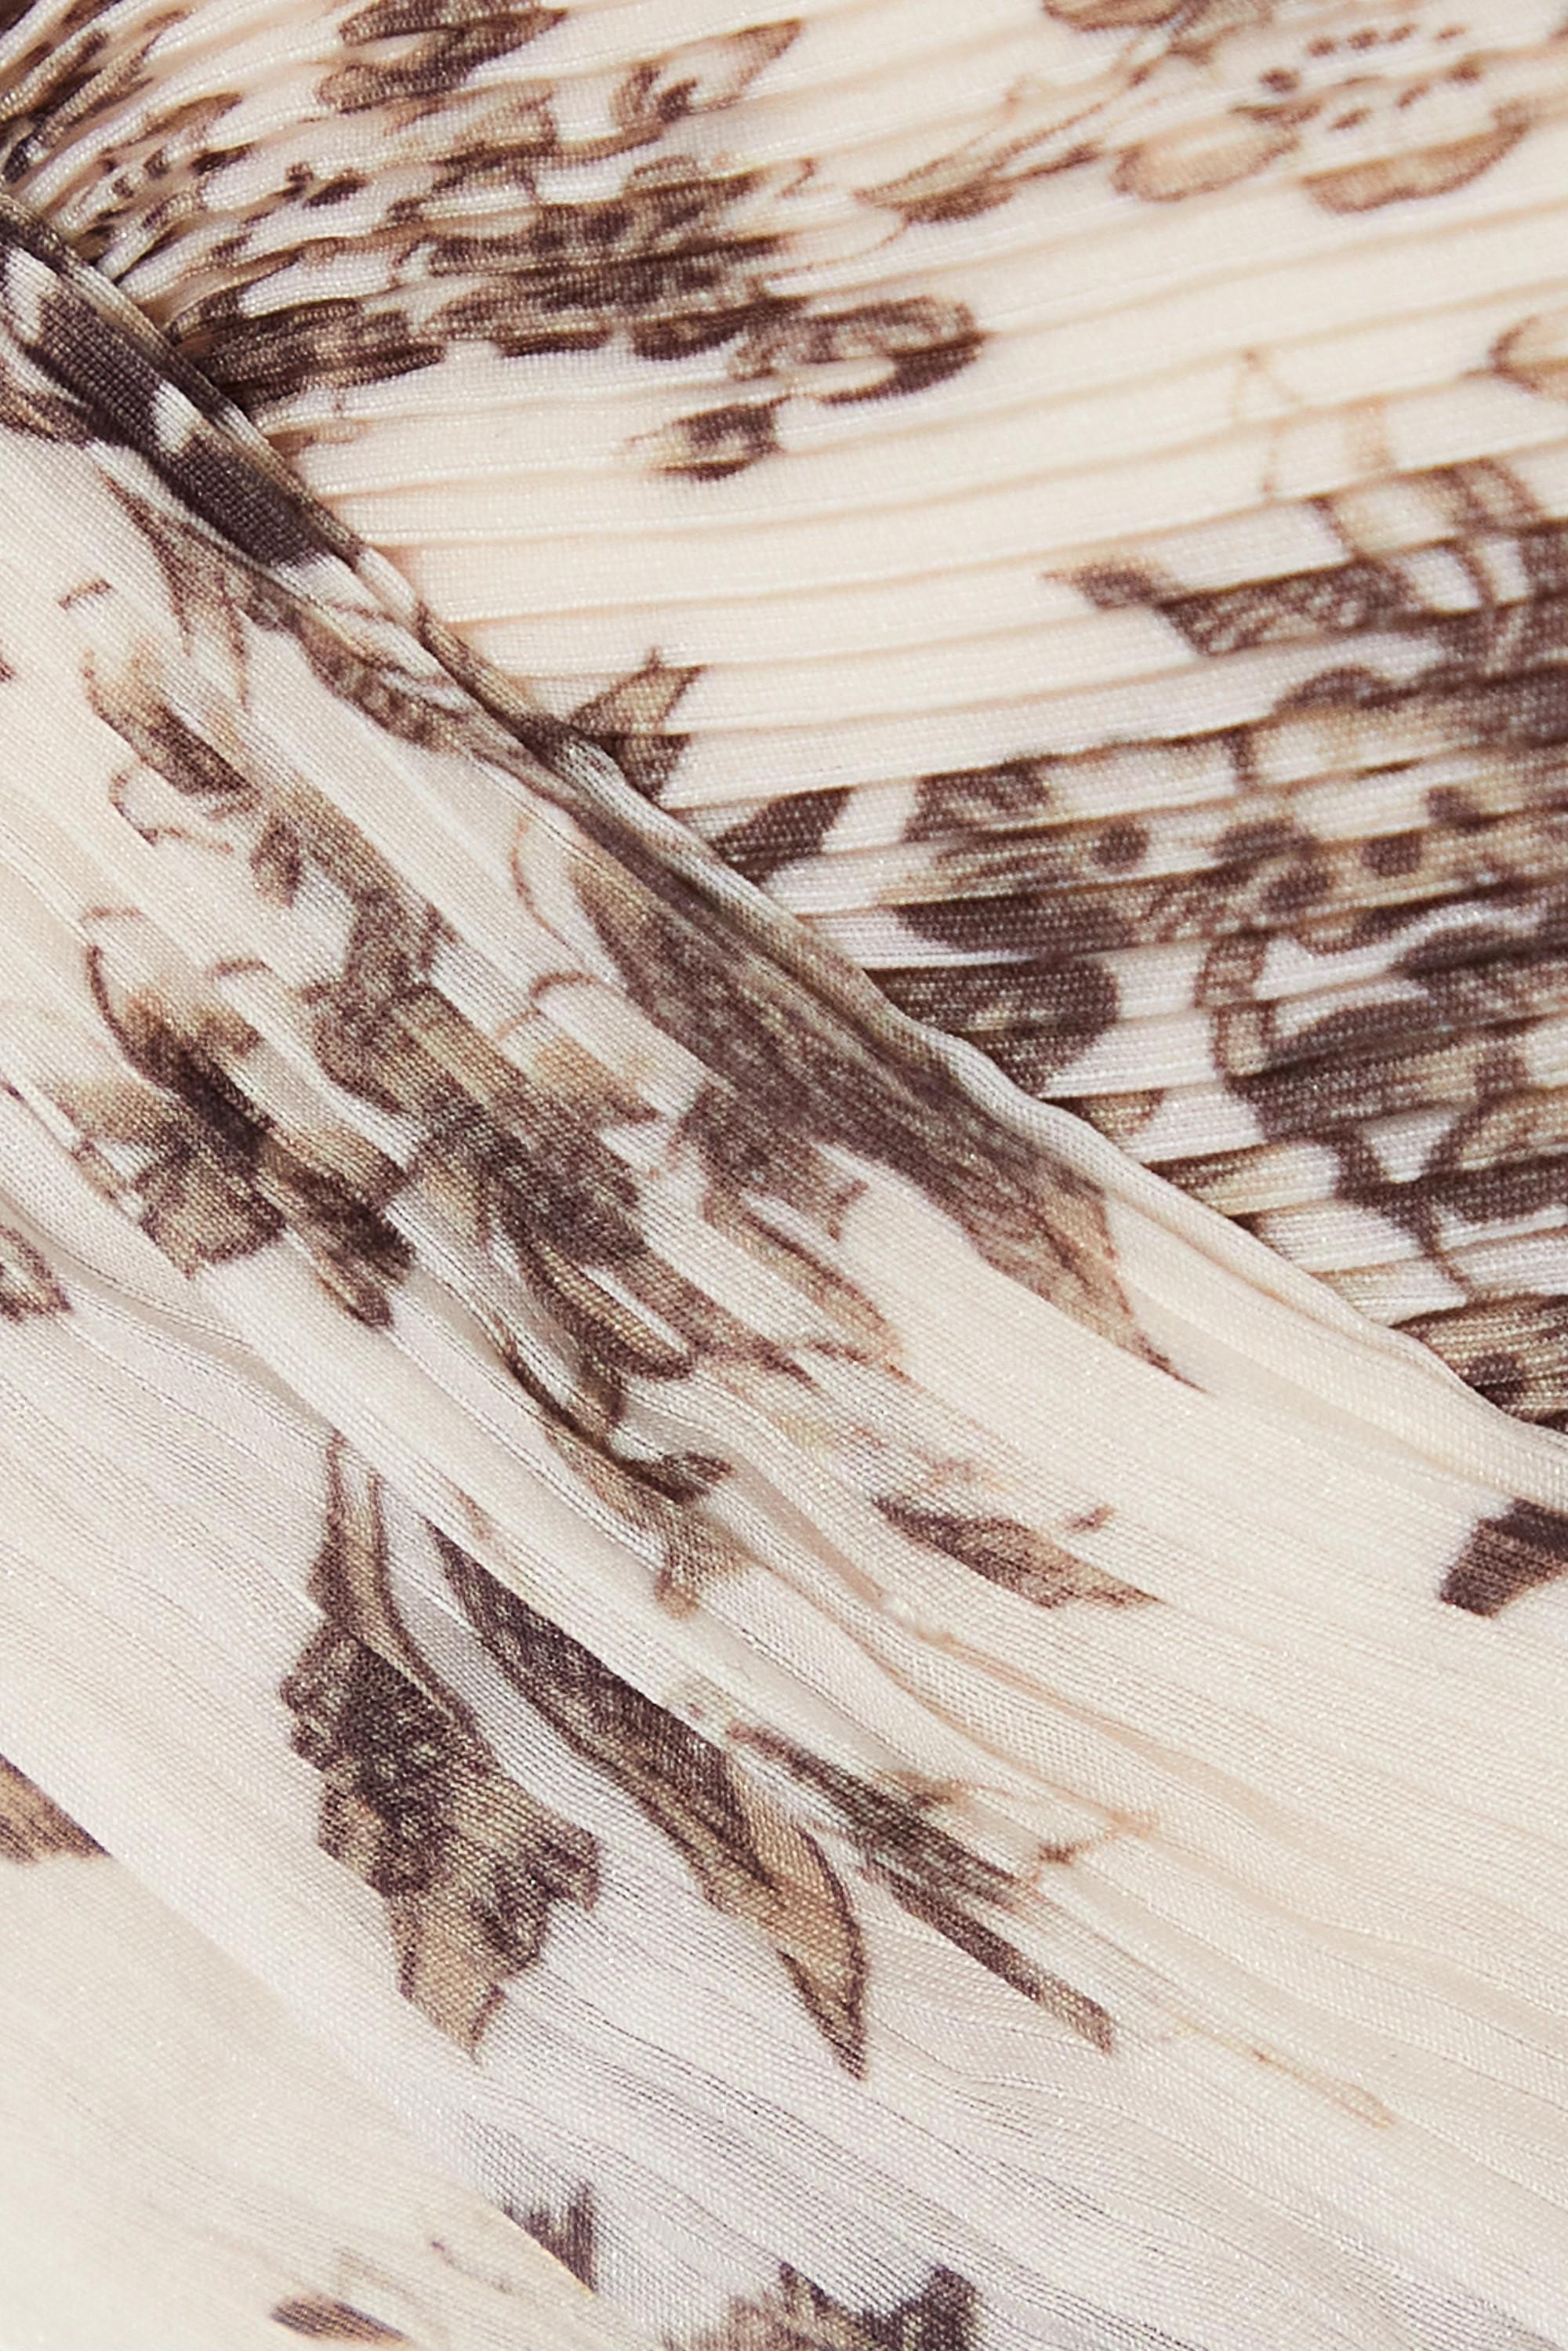 Zimmermann Wild Botanica verkürztes Oberteil aus plissiertem Crêpe mit Blumenprint